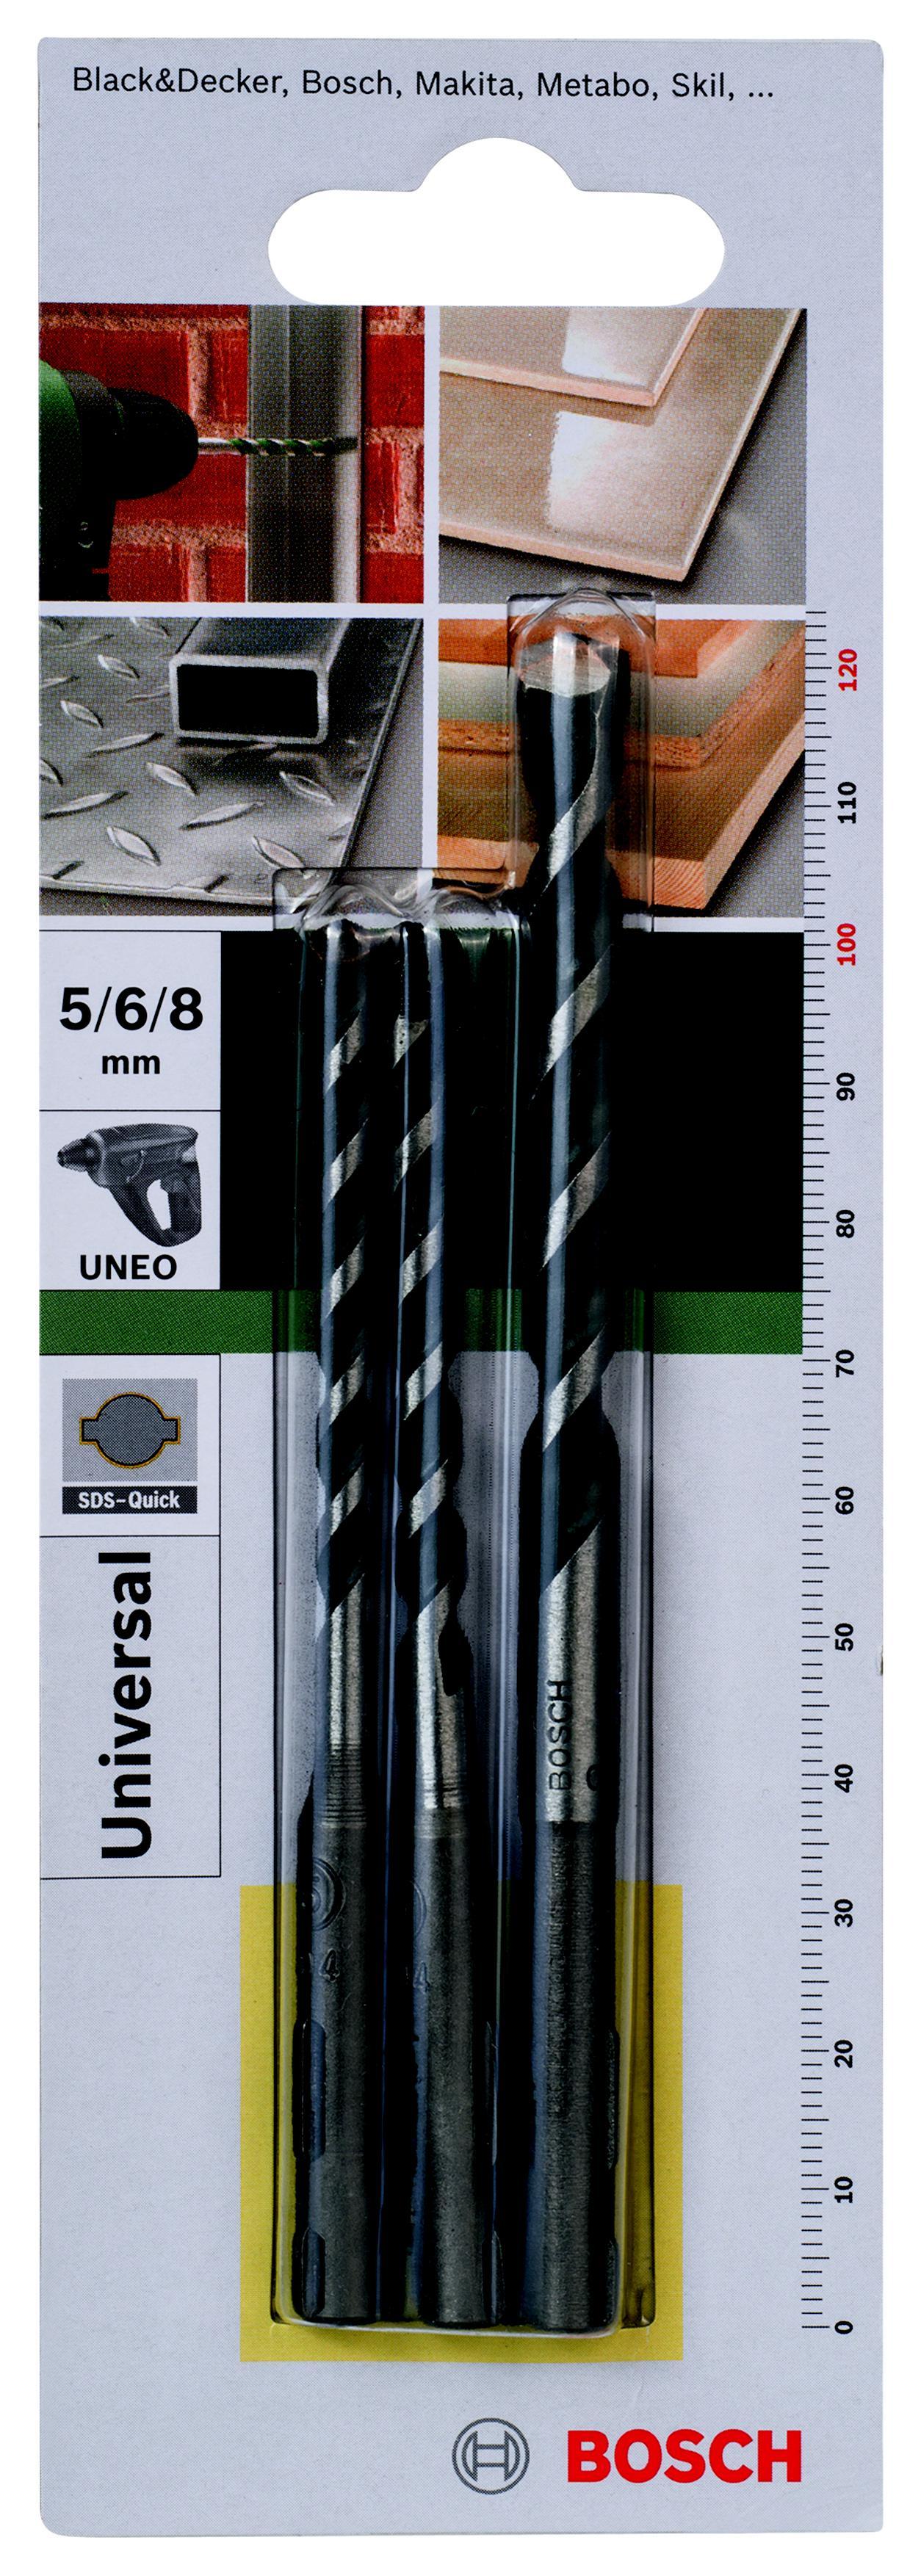 Набор сверл Bosch 2 609 256 918 универсальный, для uneo набор сверел универсальных sds quick bosch 5 0 8 0мм 3шт 2 609 256 918